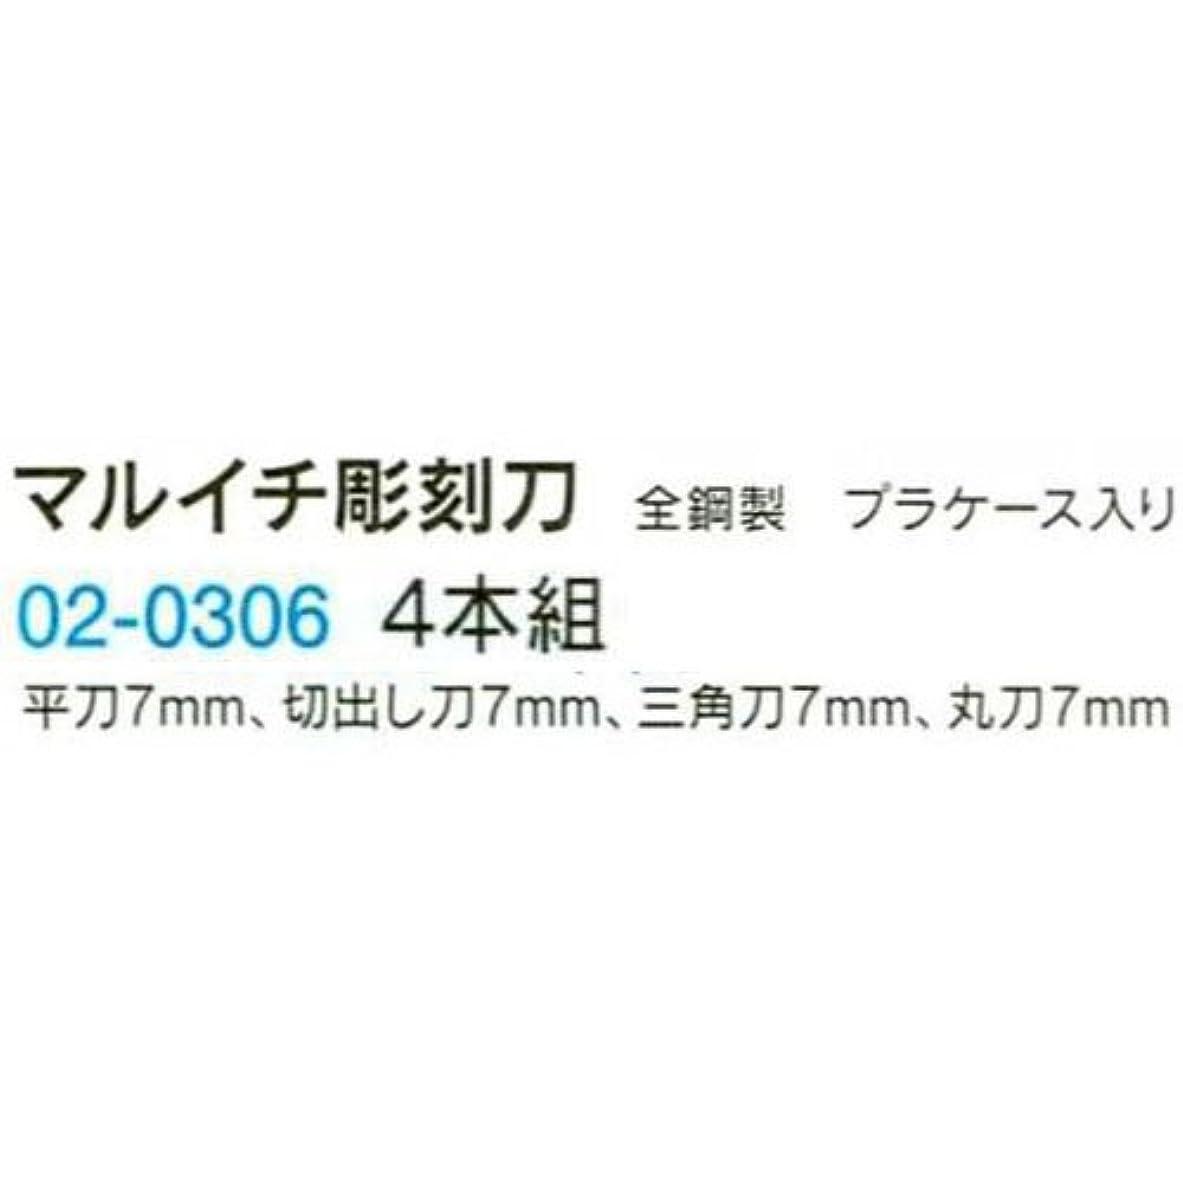 論理的けん引デイジーマルイチ彫刻刀(プラケース入り) R-4 B02-0306